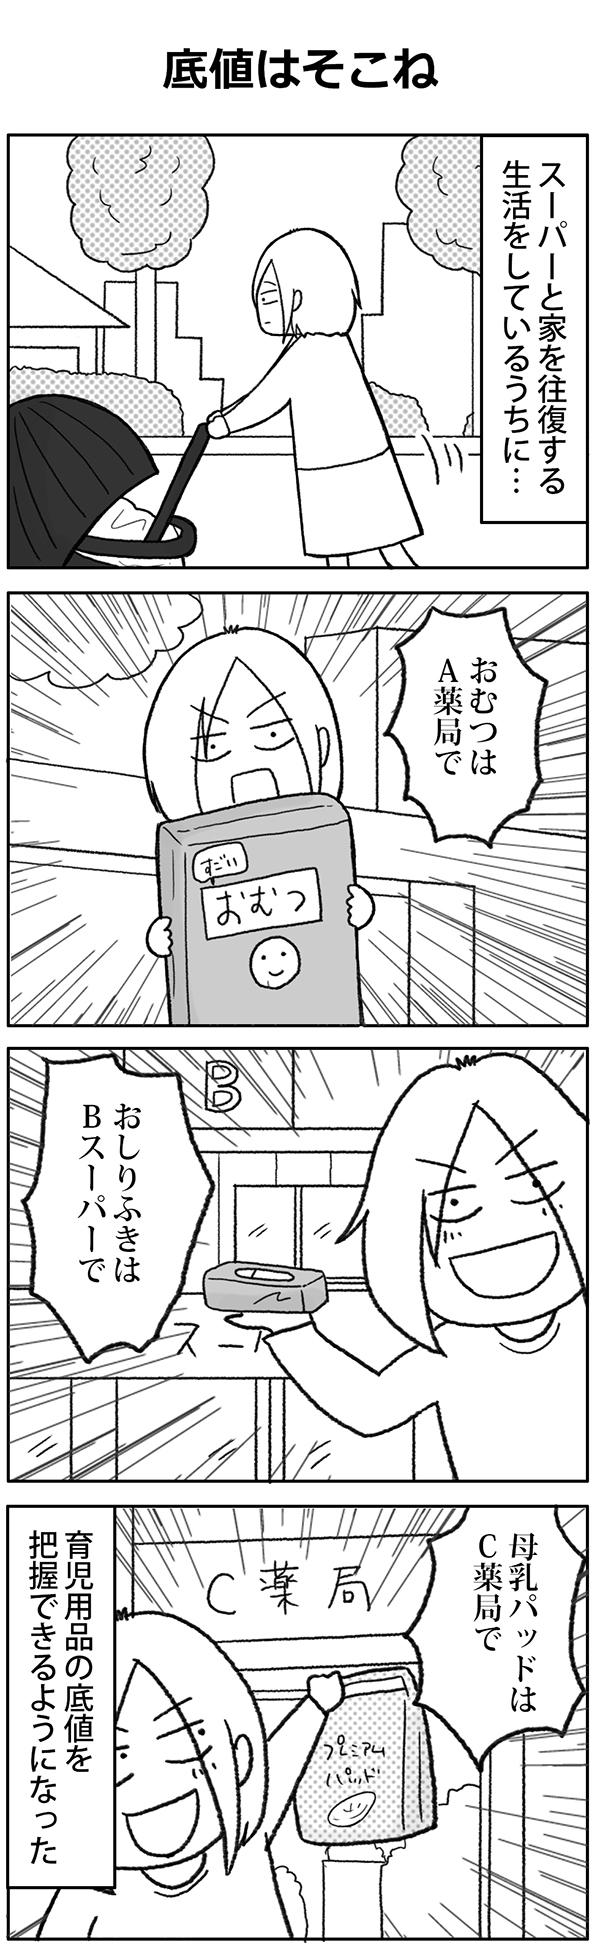 katakrico_81